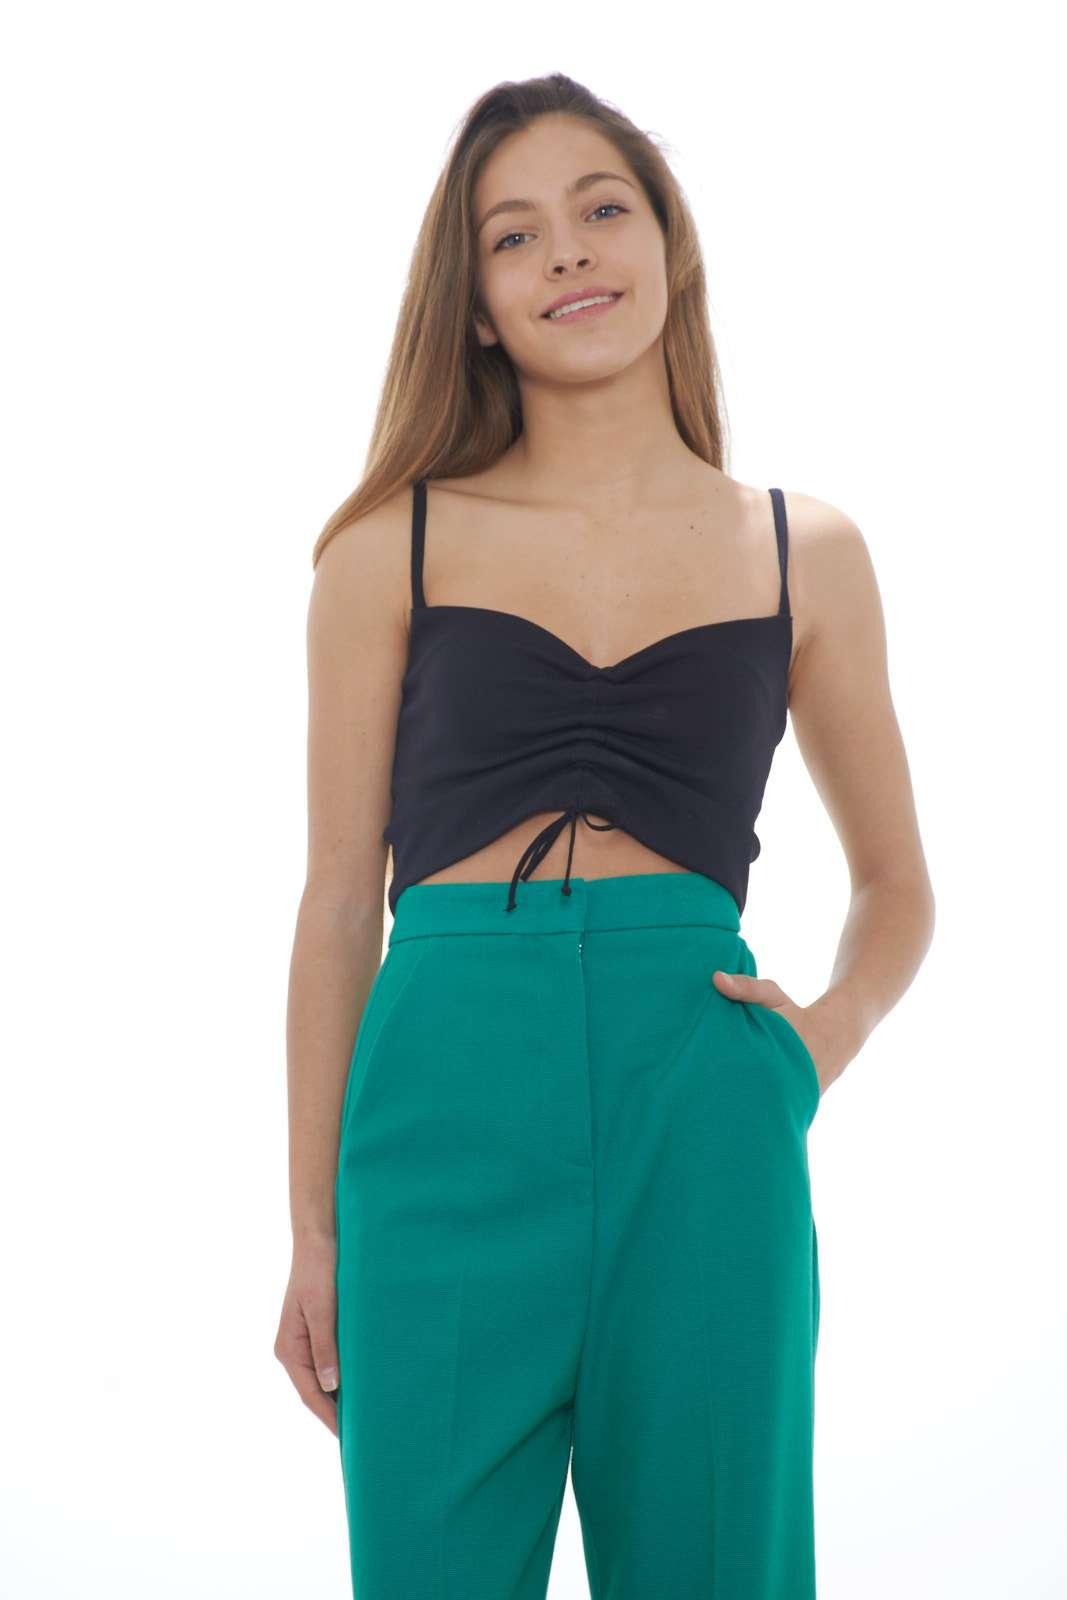 Un top essential, femminile e sensuale firmato Pinko. Ideale con un pantalone a vita alta, per outfit fashion e moderni. Per occasioni eleganti e speciali.  la modella è alta 1.68m e indossa la taglia 38.